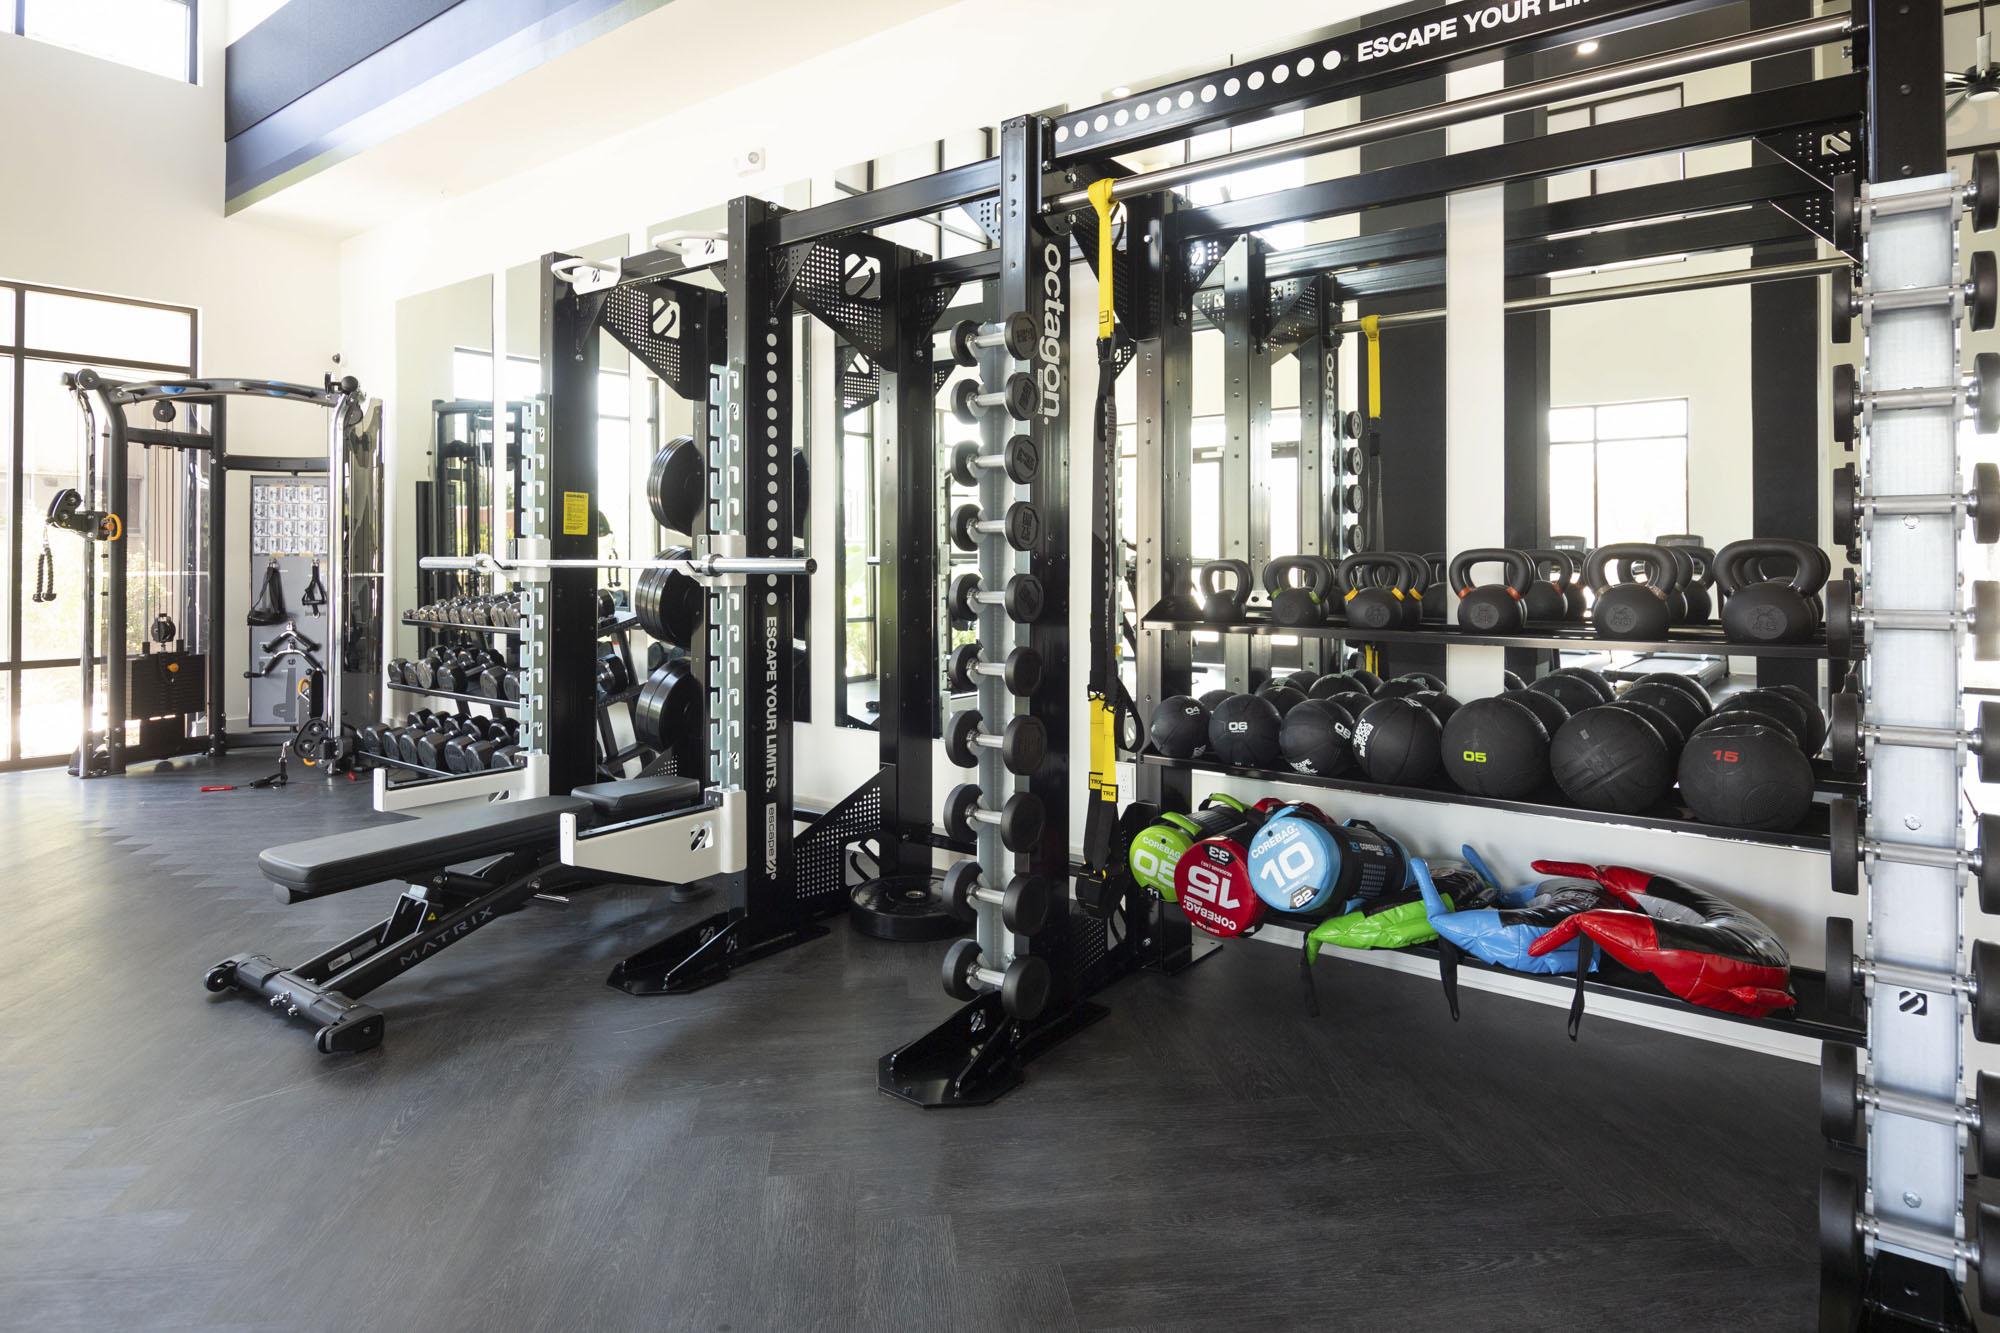 21 Fitness Center